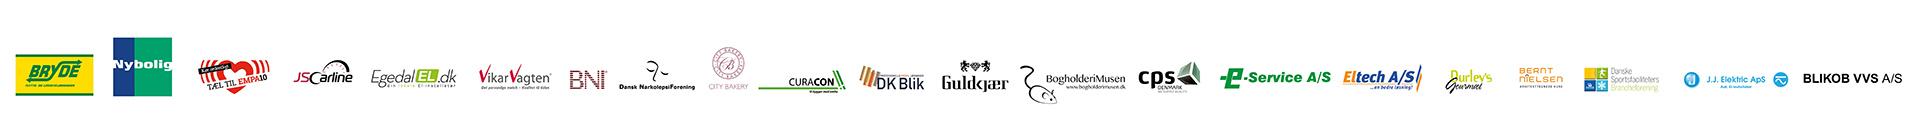 Klæbel Grafisk Design identitet rød tråd, FORSIDE, Klæbel grafisk design & tryk, Klæbel grafisk design & tryk